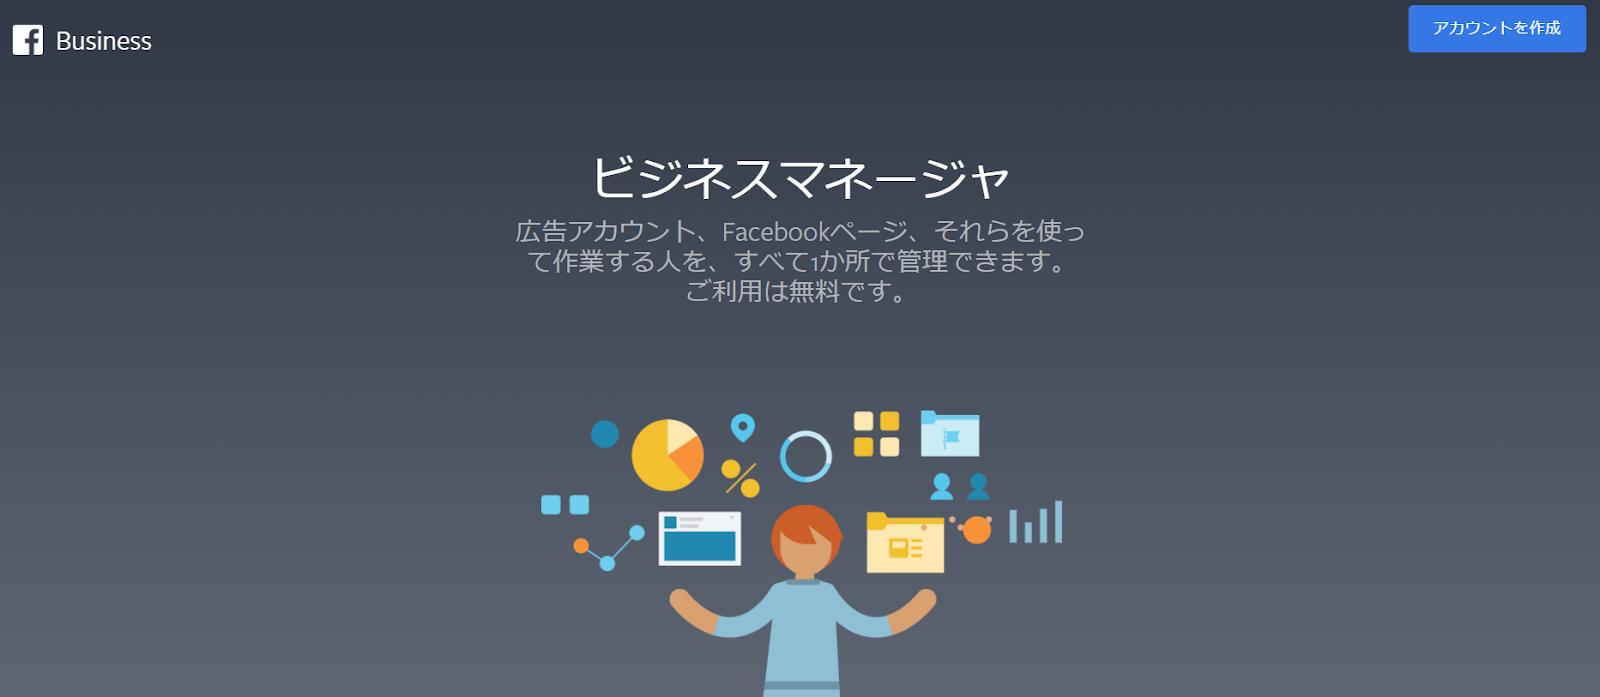 コマース向けFacebookマーケティングパートナー